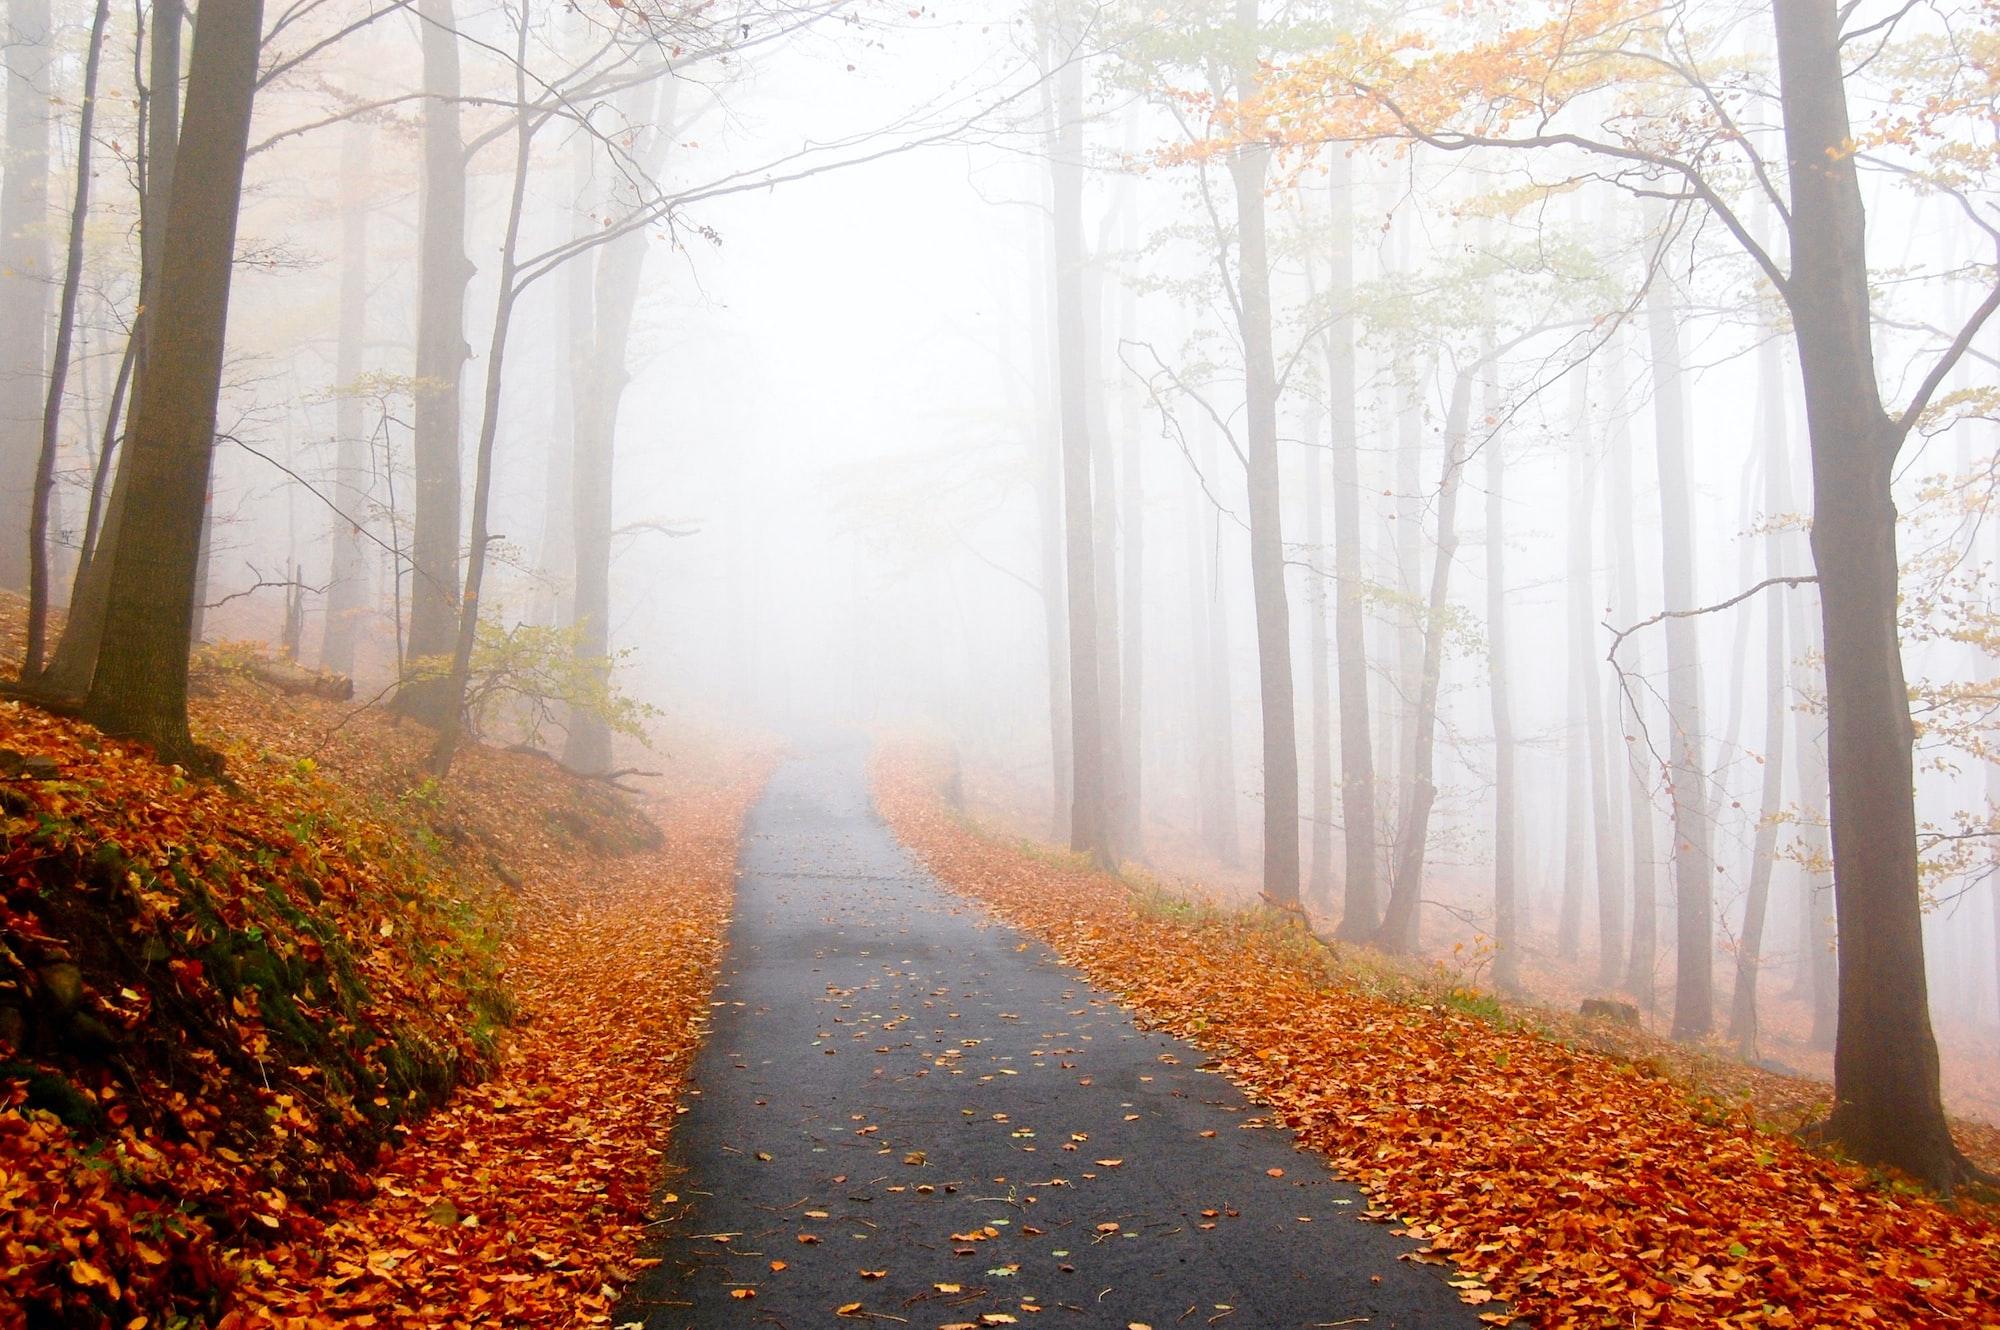 #1 Autumn